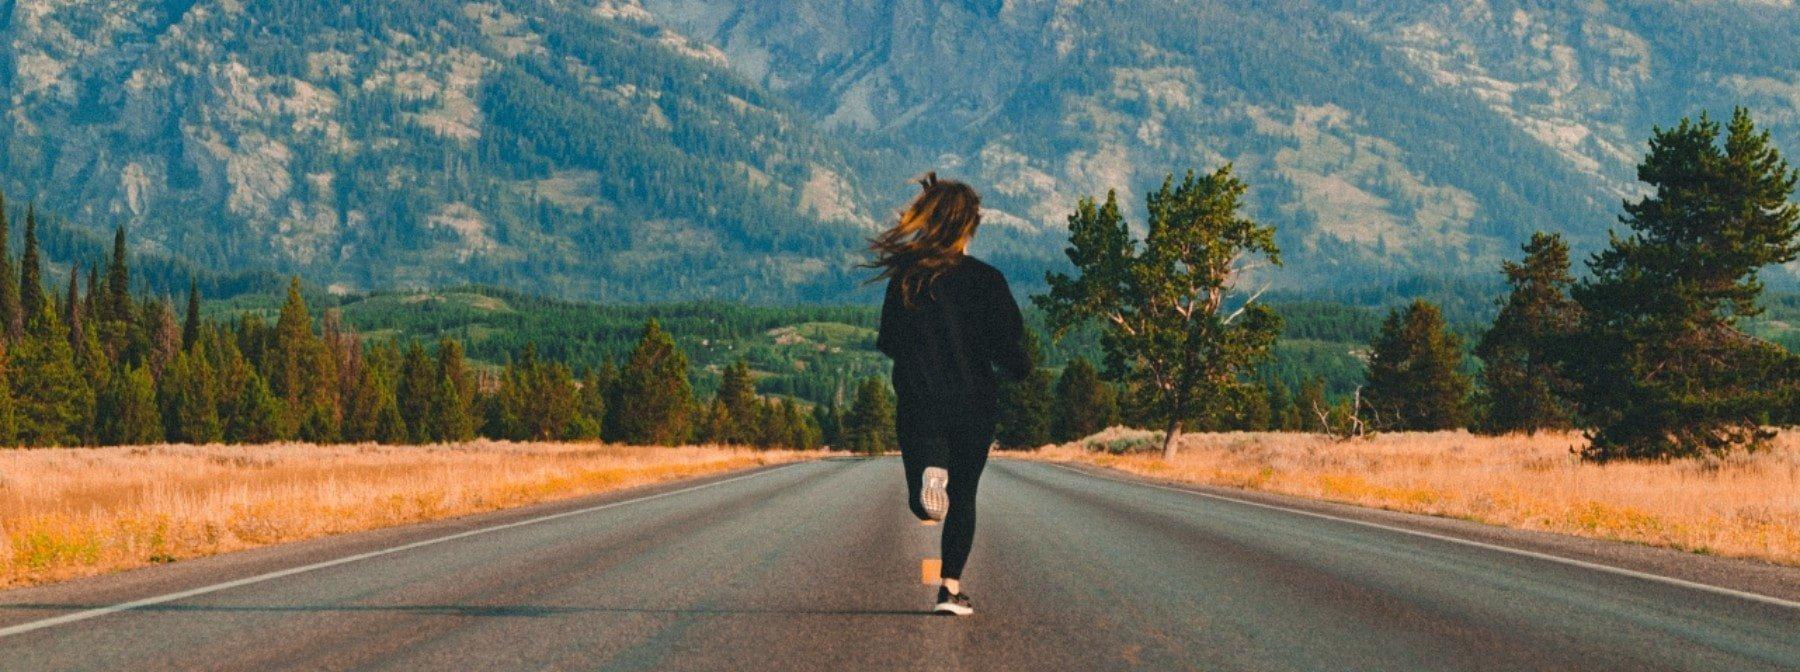 Běhání pro začátečníky   8 tipů pro začátečníky